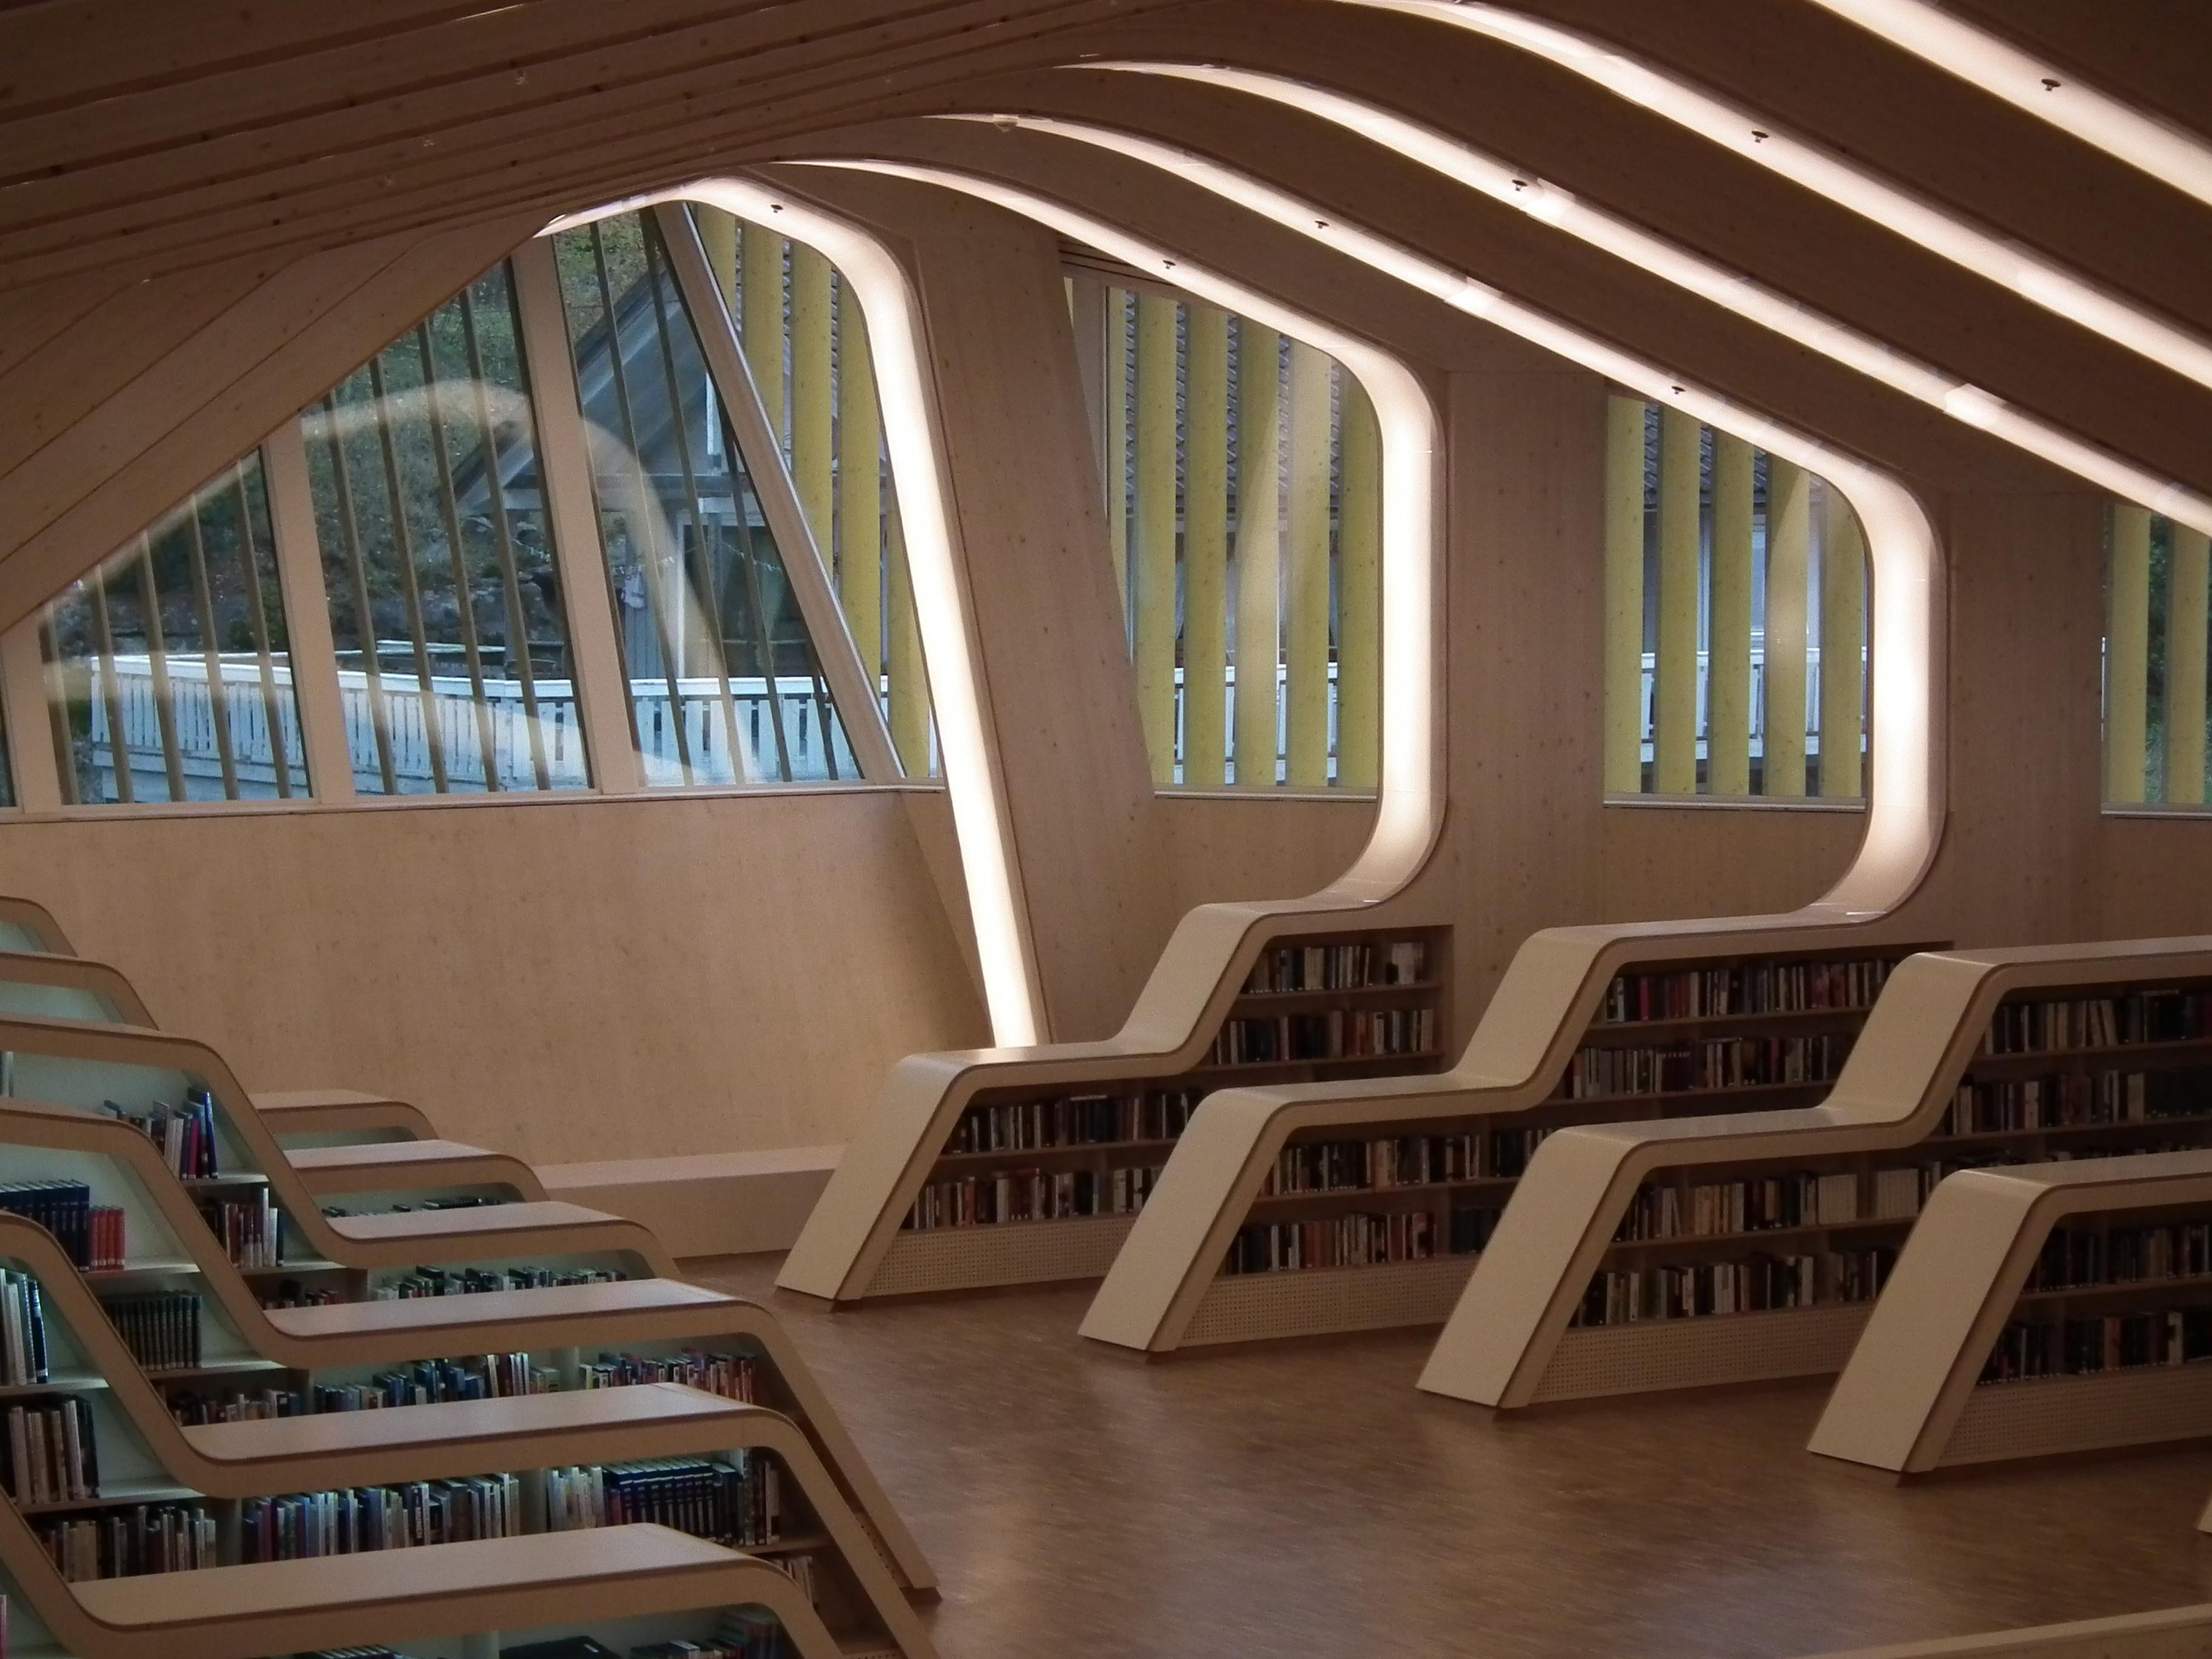 Interiør fra Vennesla bibliotek